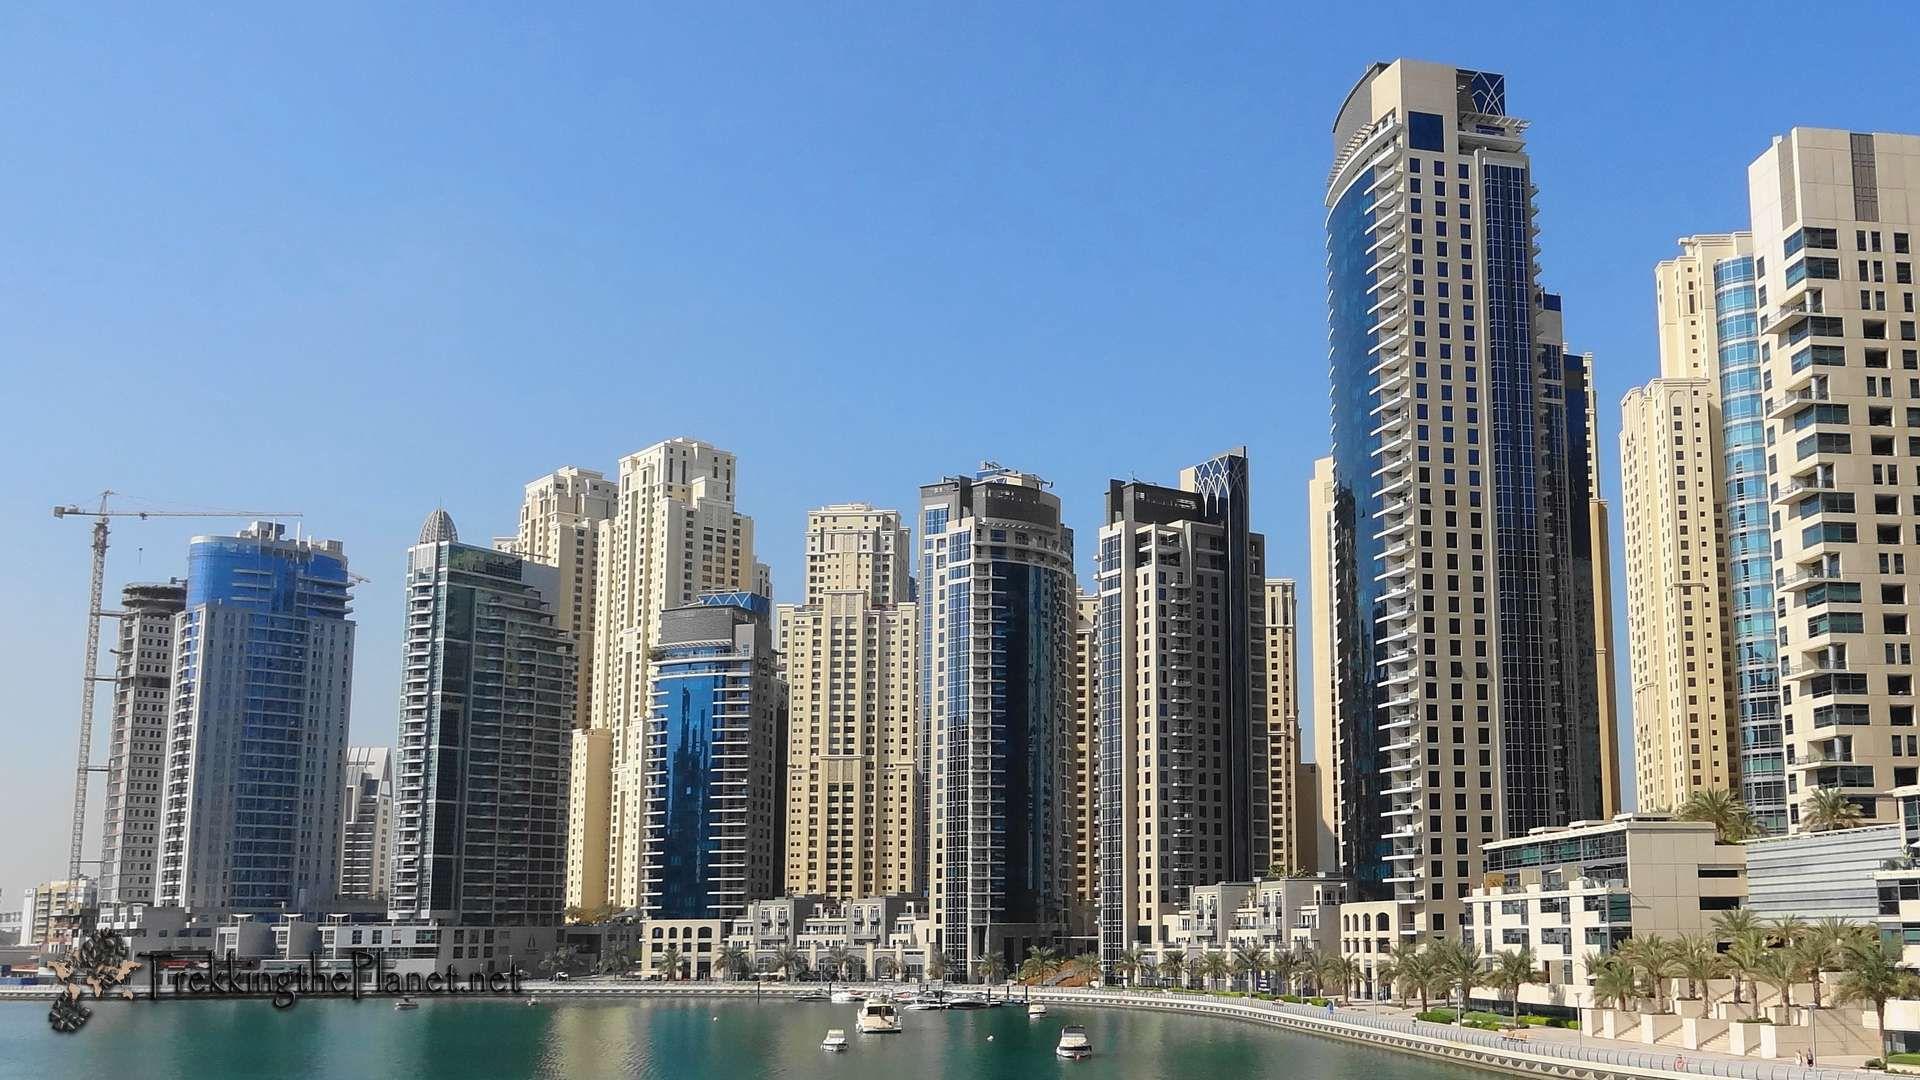 Dubai Marina at Daytime HD 1920x1080